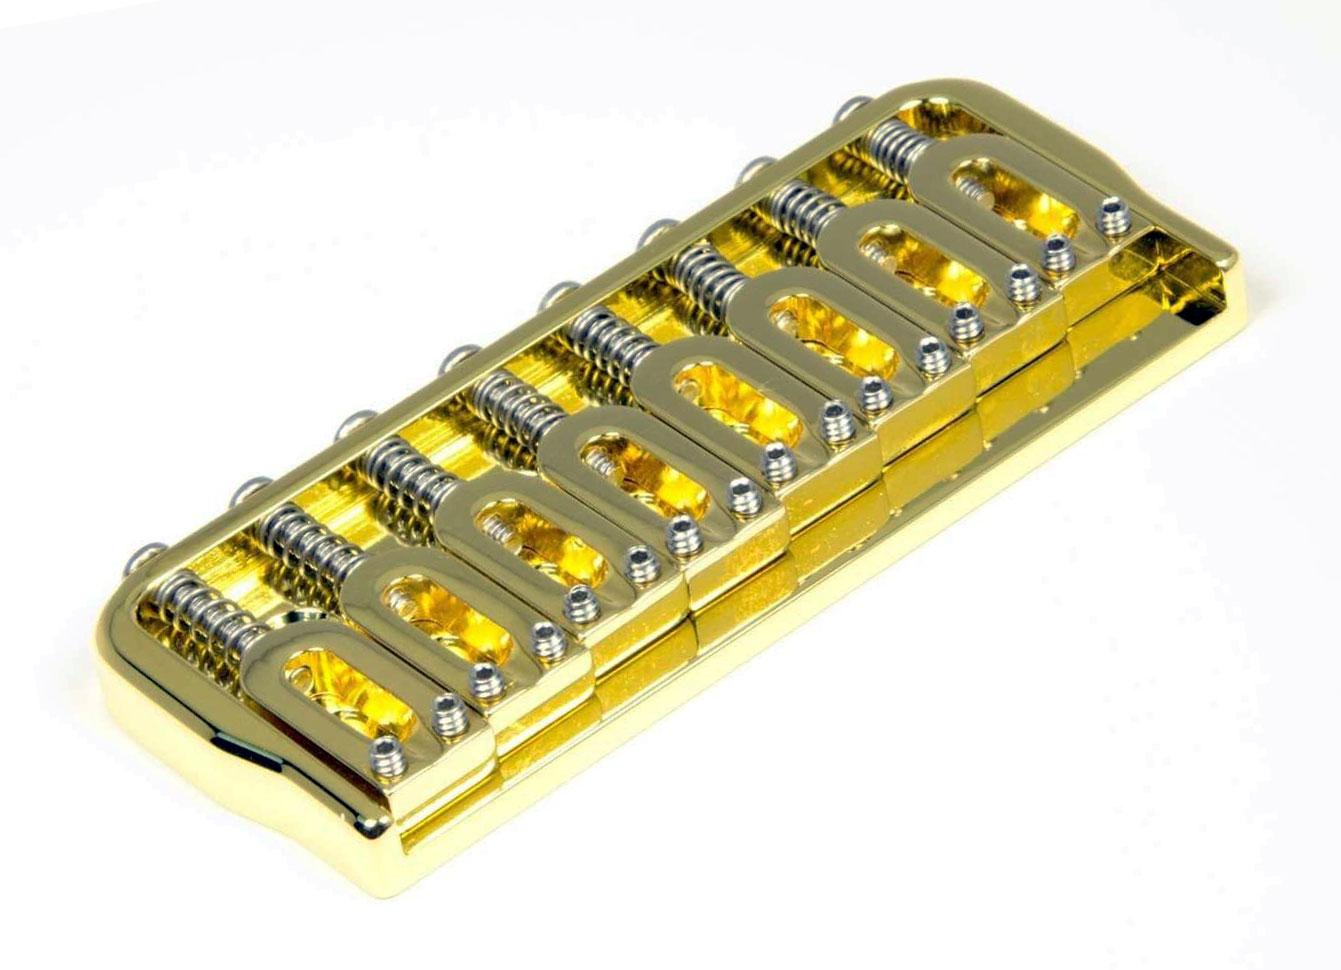 hipshot 41080g 8 string hardtail fixed electric guitar bridge 125 gold ebay. Black Bedroom Furniture Sets. Home Design Ideas